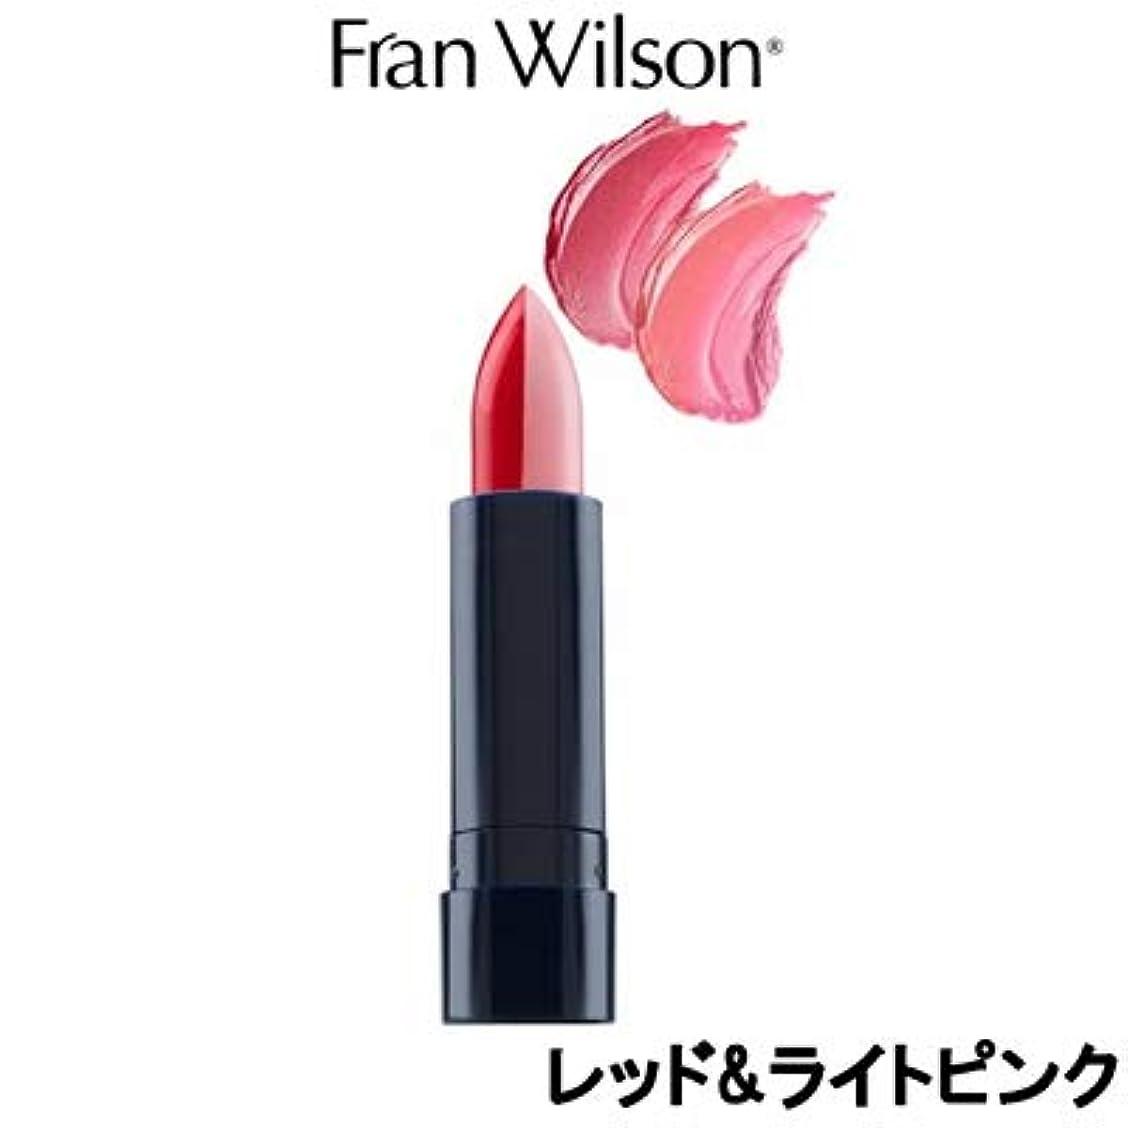 フランウィルソン ムードマッチャーリップ スプリット レッド&ライトピンク 3.5g